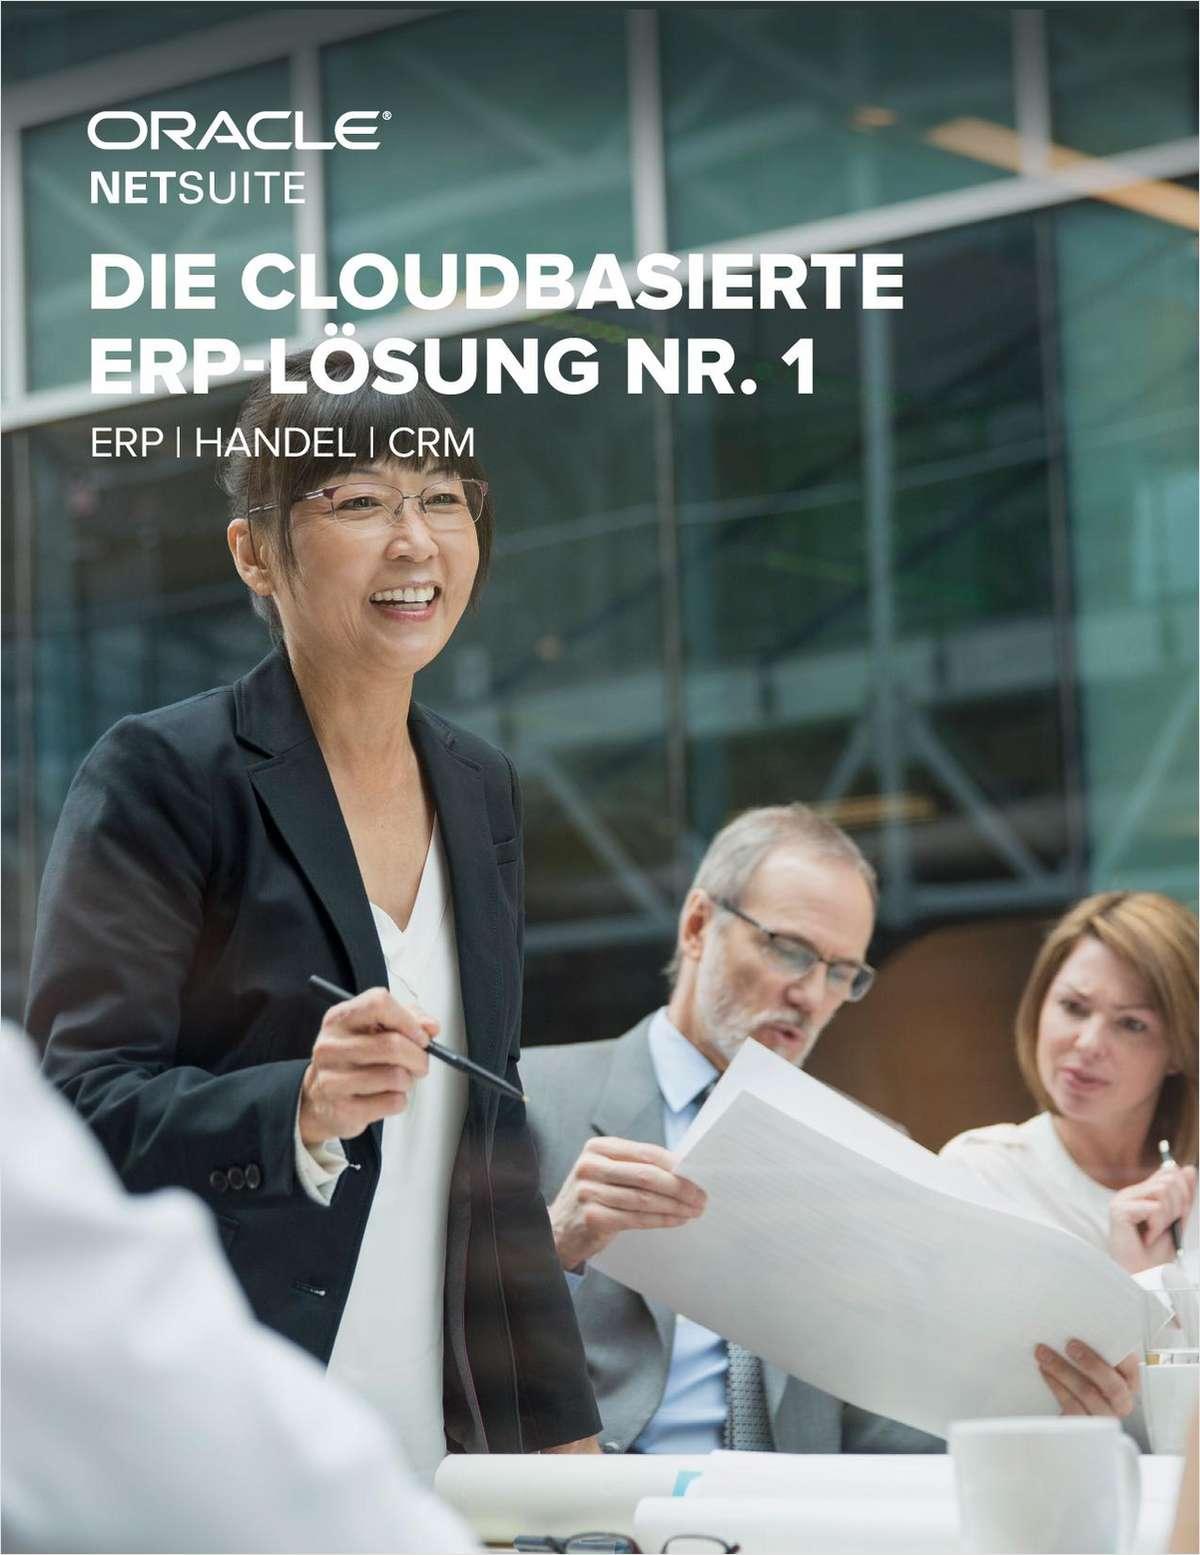 Die Cloudbasierte ERP-Losung Nr. 1